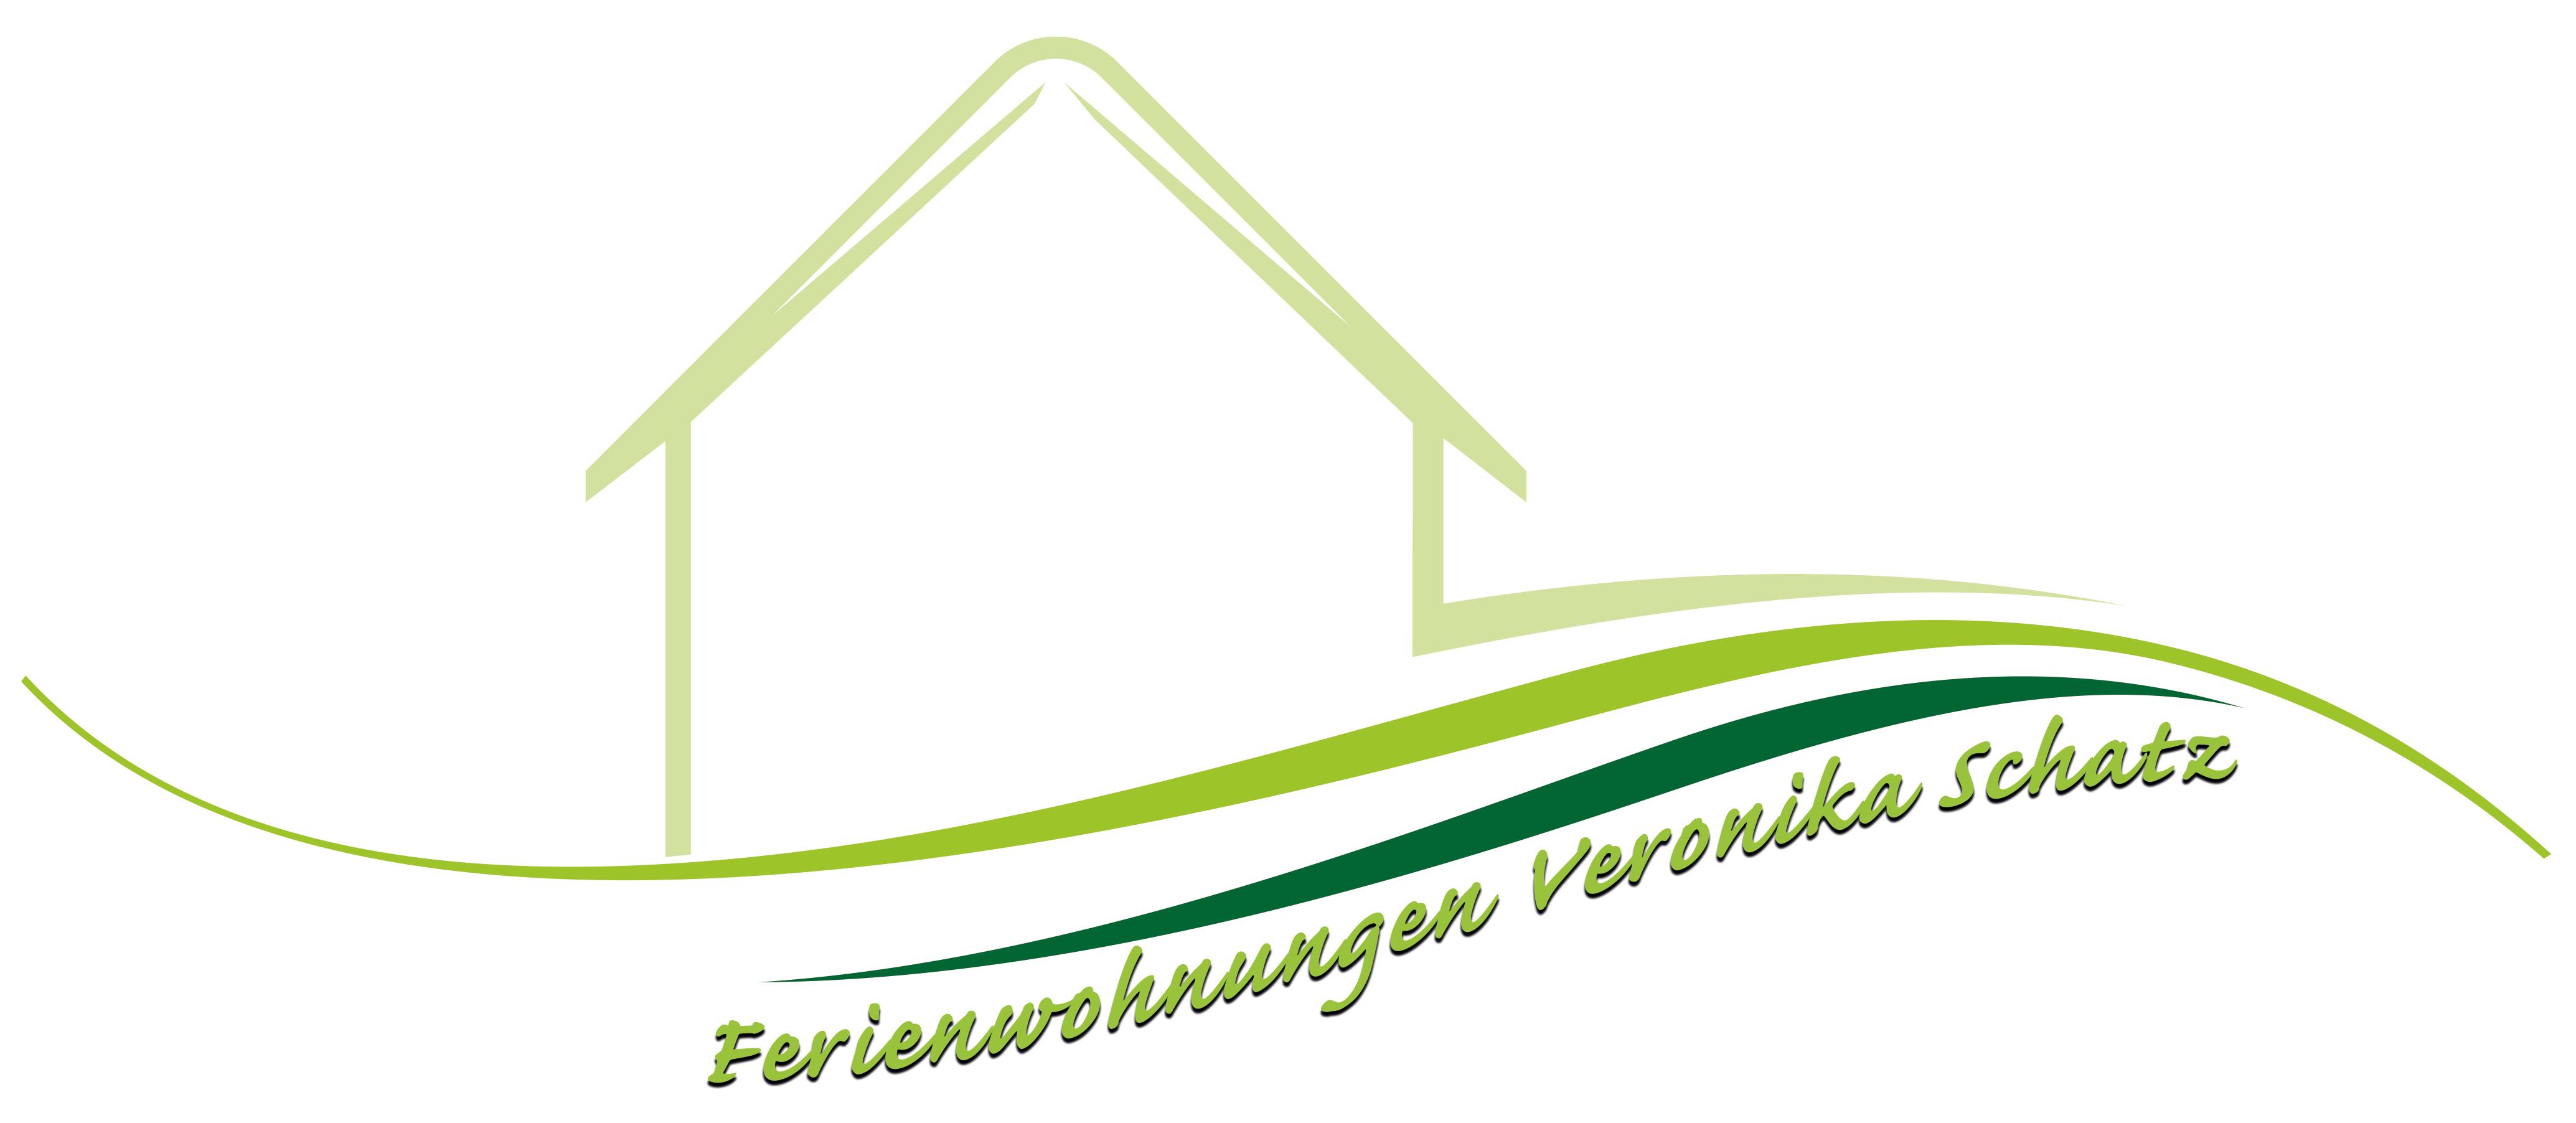 Ferienwohnungen Schatz Ebensfeld